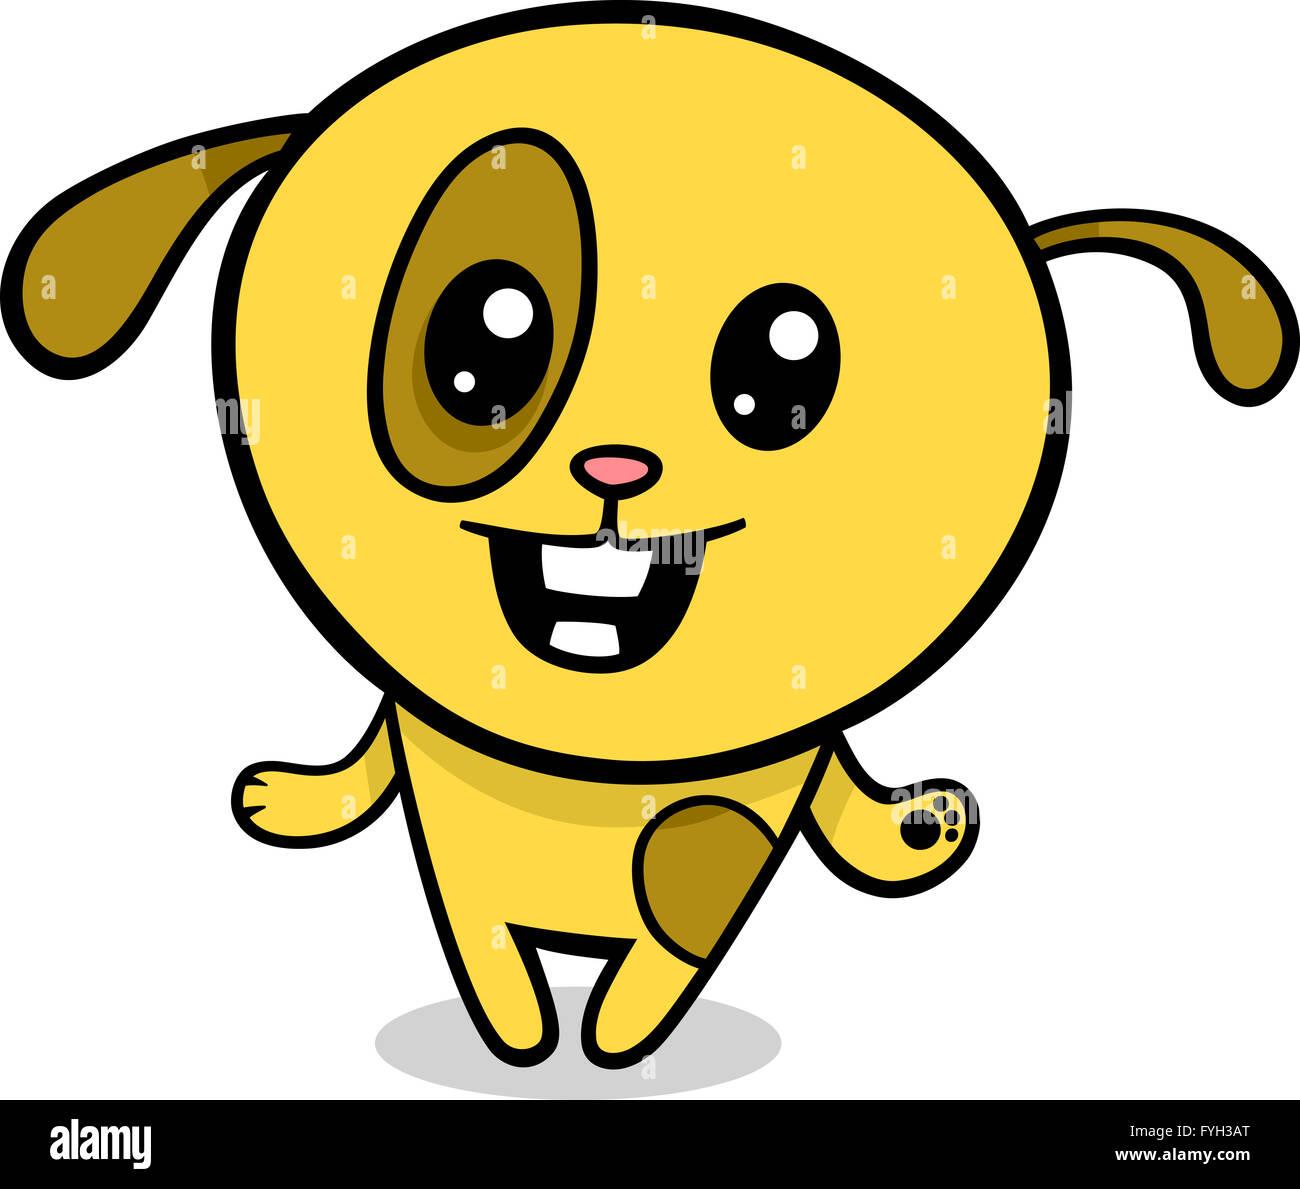 Kawaii Dog Icon Imágenes De Stock Kawaii Dog Icon Fotos De Stock